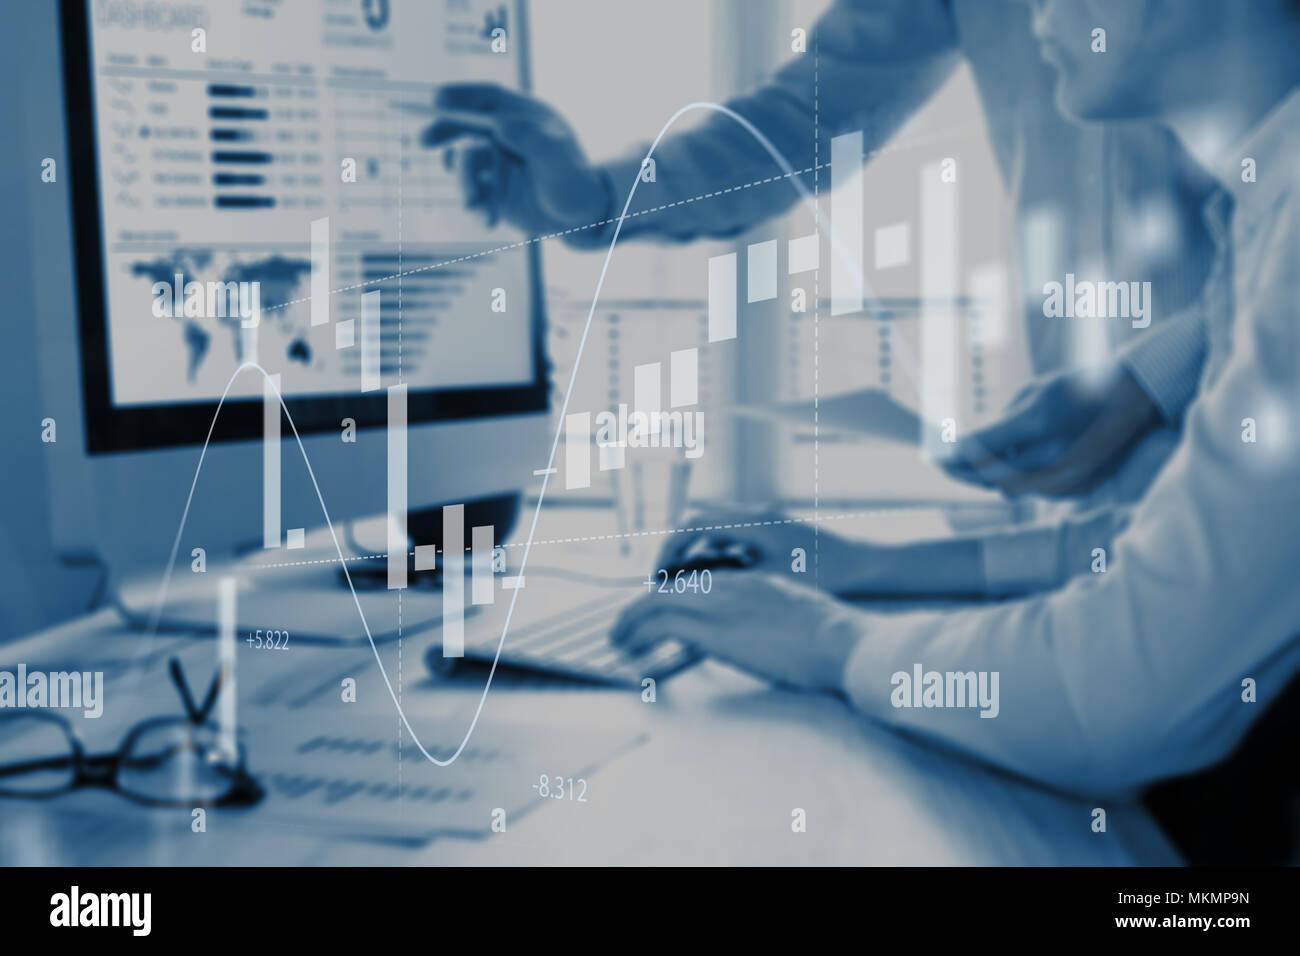 Abstracto concepto de finanzas con gente discutiendo datos financieros sobre un tablero de Business Analytics en la pantalla de ordenador en el fondo y la bolsa inv Imagen De Stock